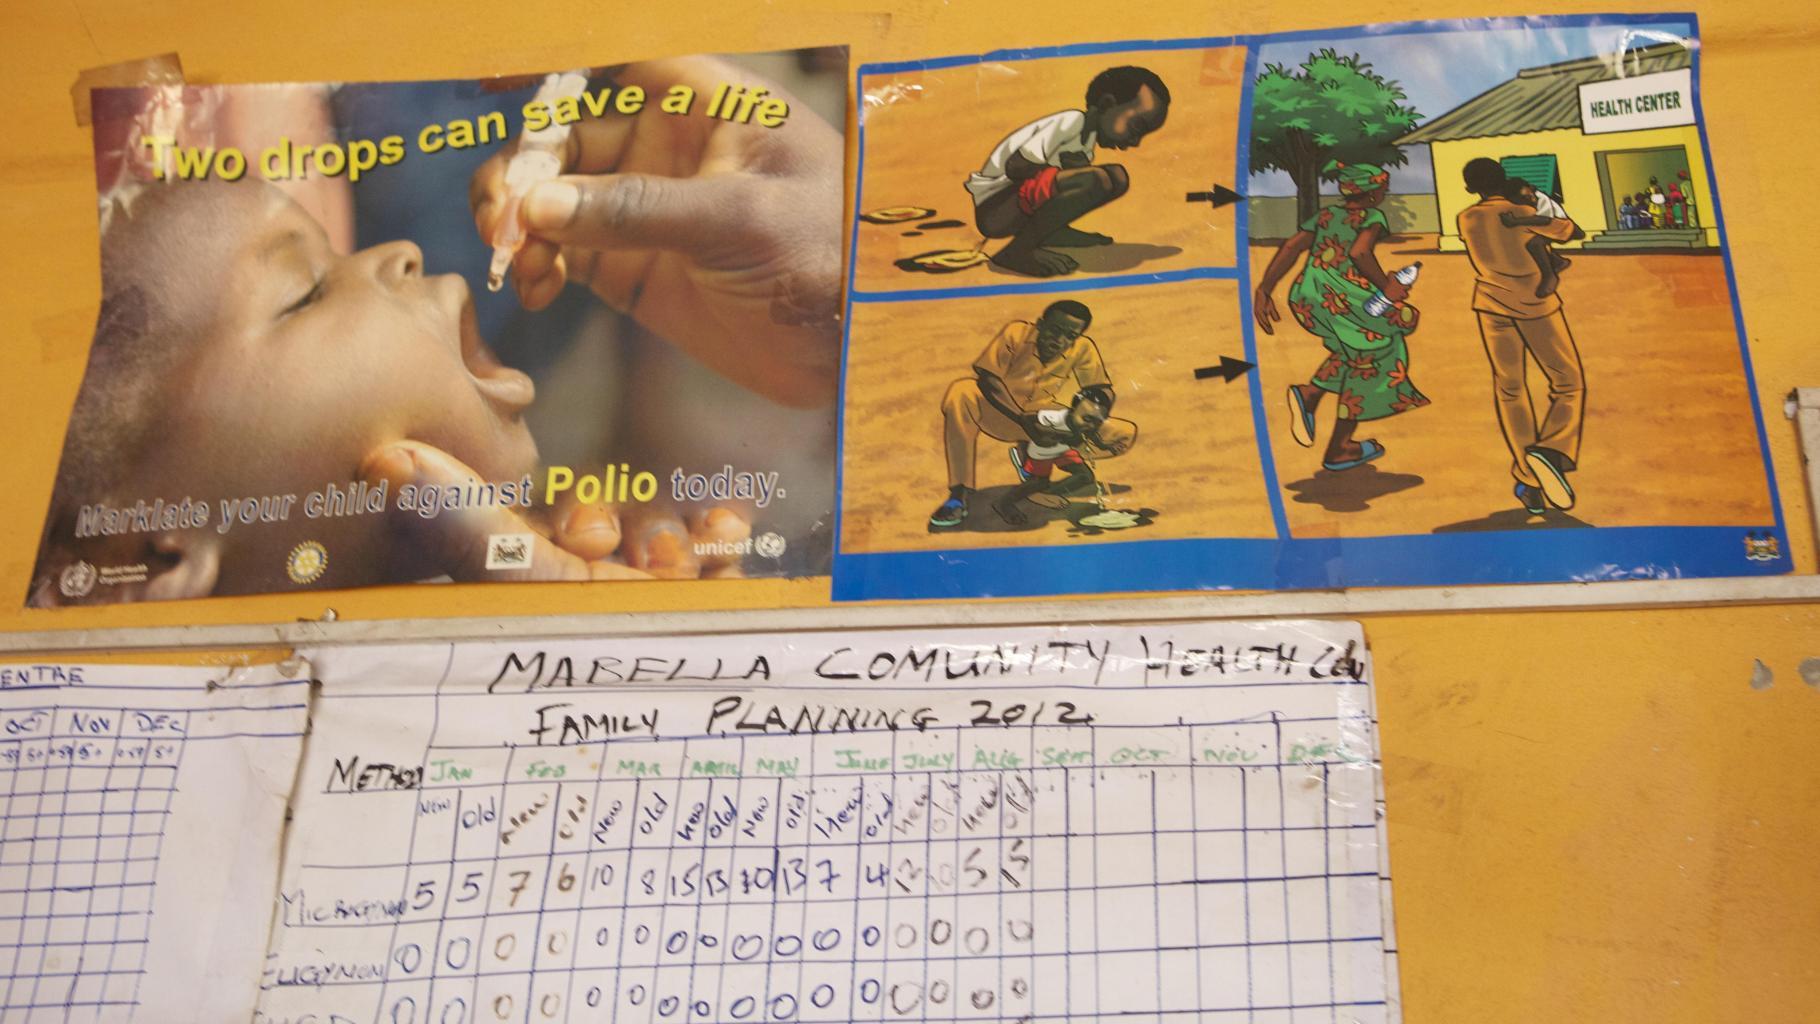 Plakate zur Aufklärung in Sachen Polio und Cholera